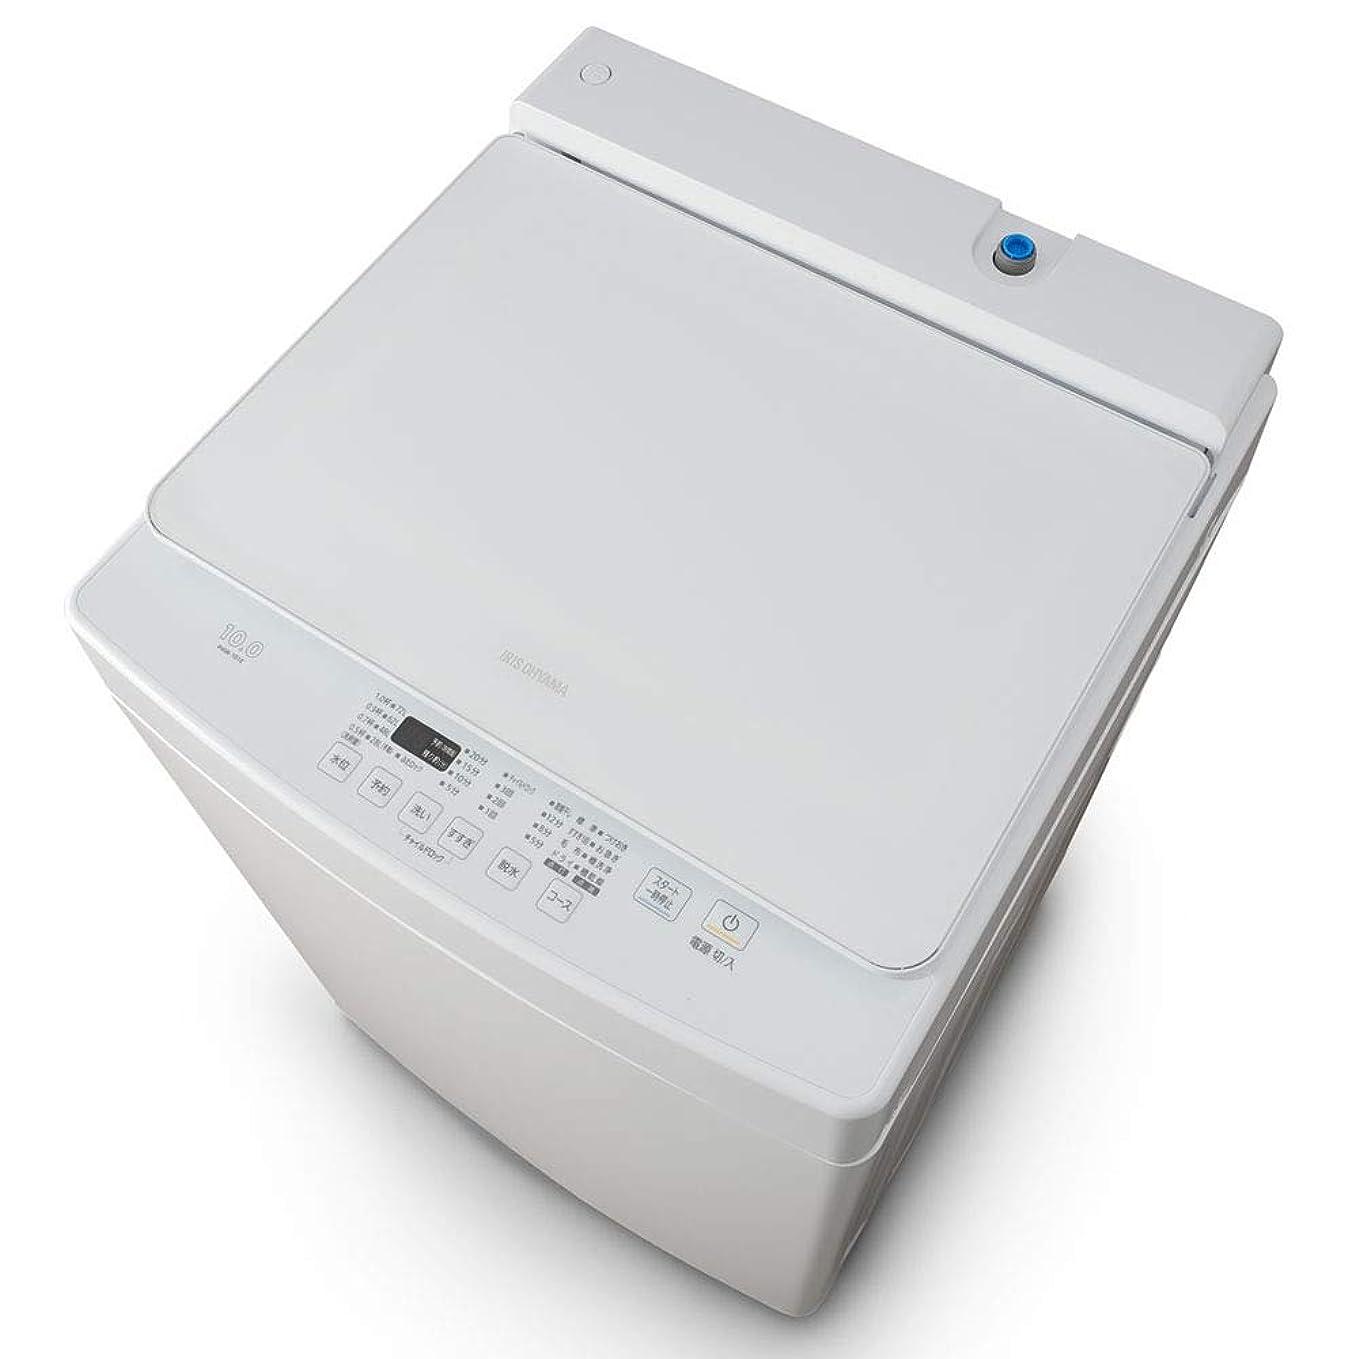 連隊何かフォージアイリスオーヤマ 洗濯機 10kg 全自動洗濯機 幅58.6cm PAW-101E